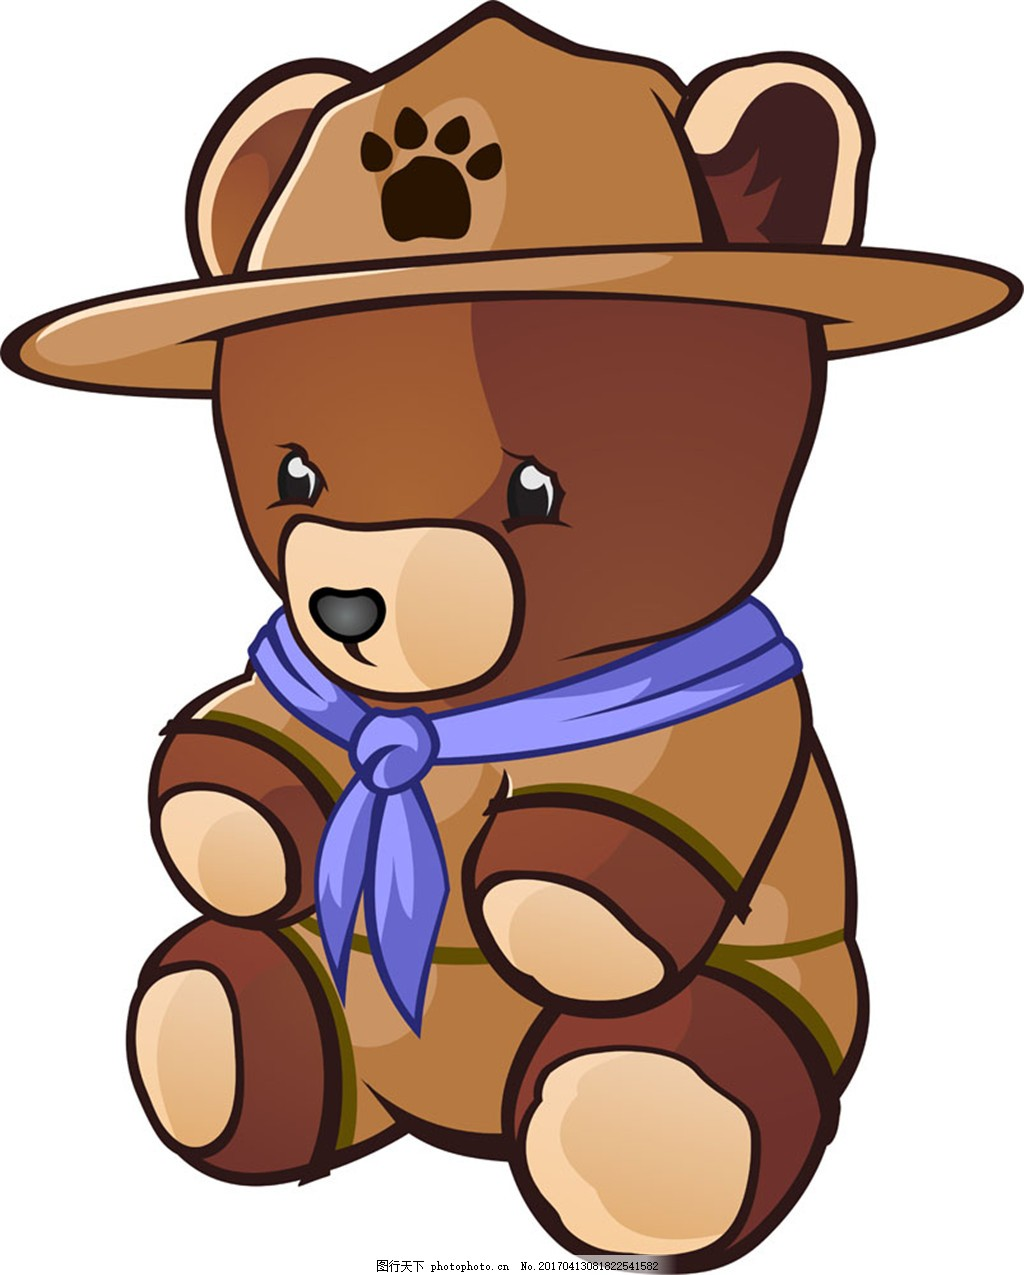 戴帽子小熊 戴帽子小熊矢量图片 卡通熊 玩具熊 陆地动物 动物漫画